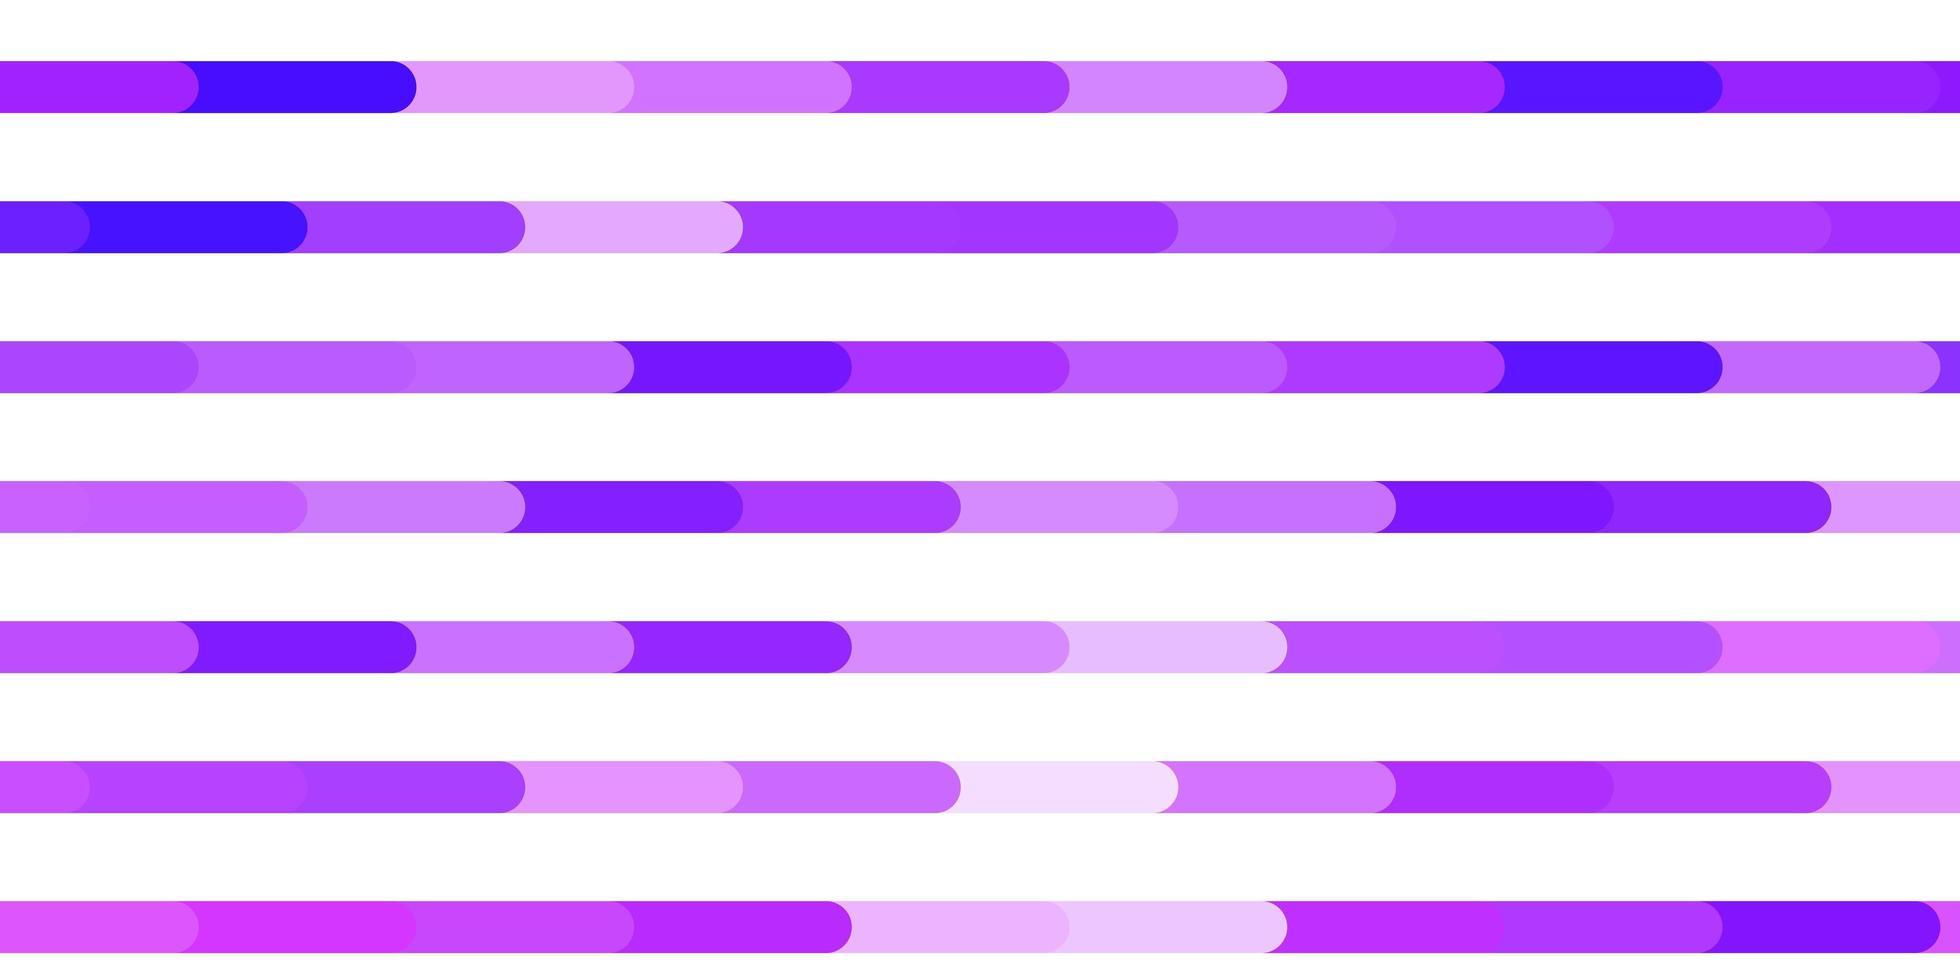 modèle vectoriel violet clair avec des lignes.